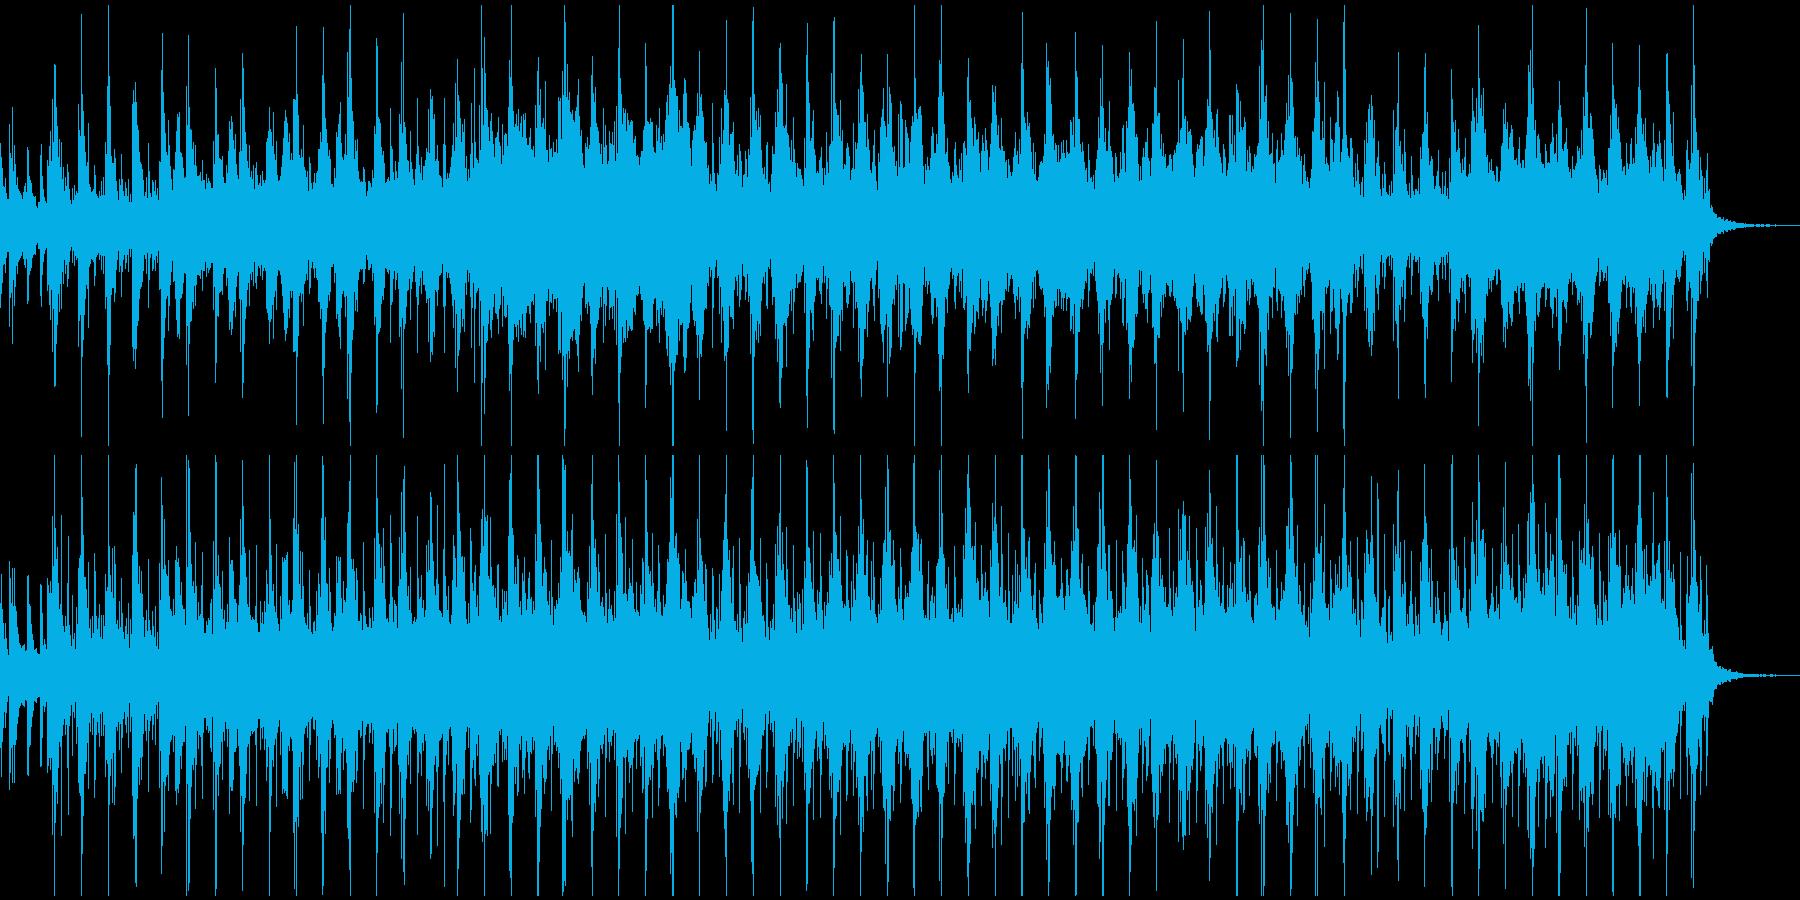 民族楽器を使用したアイリッシュ風の曲の再生済みの波形